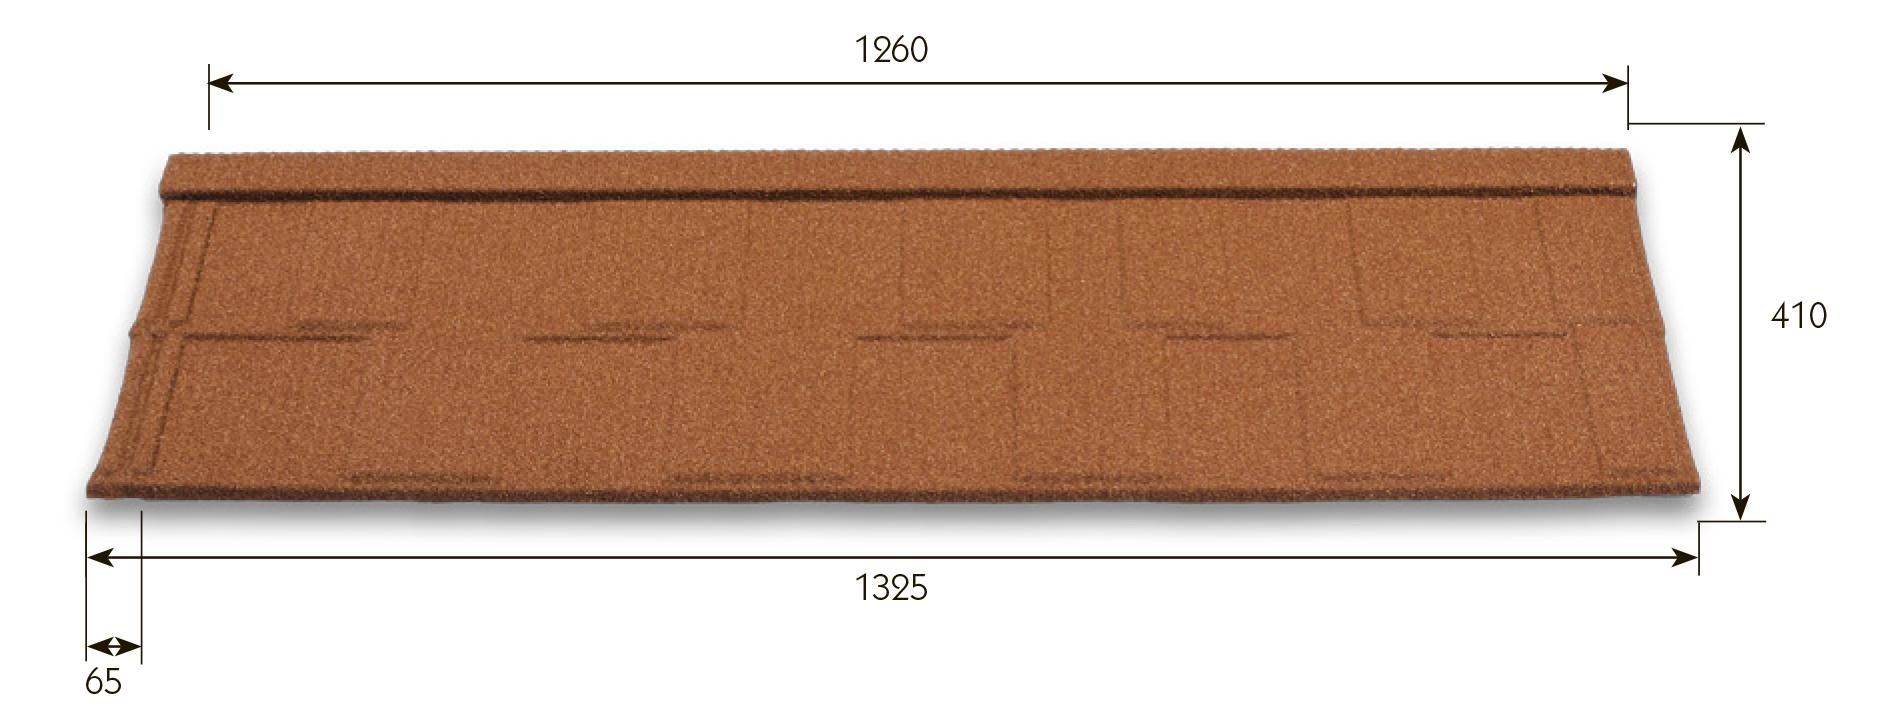 Размеры Metrotile Viksen